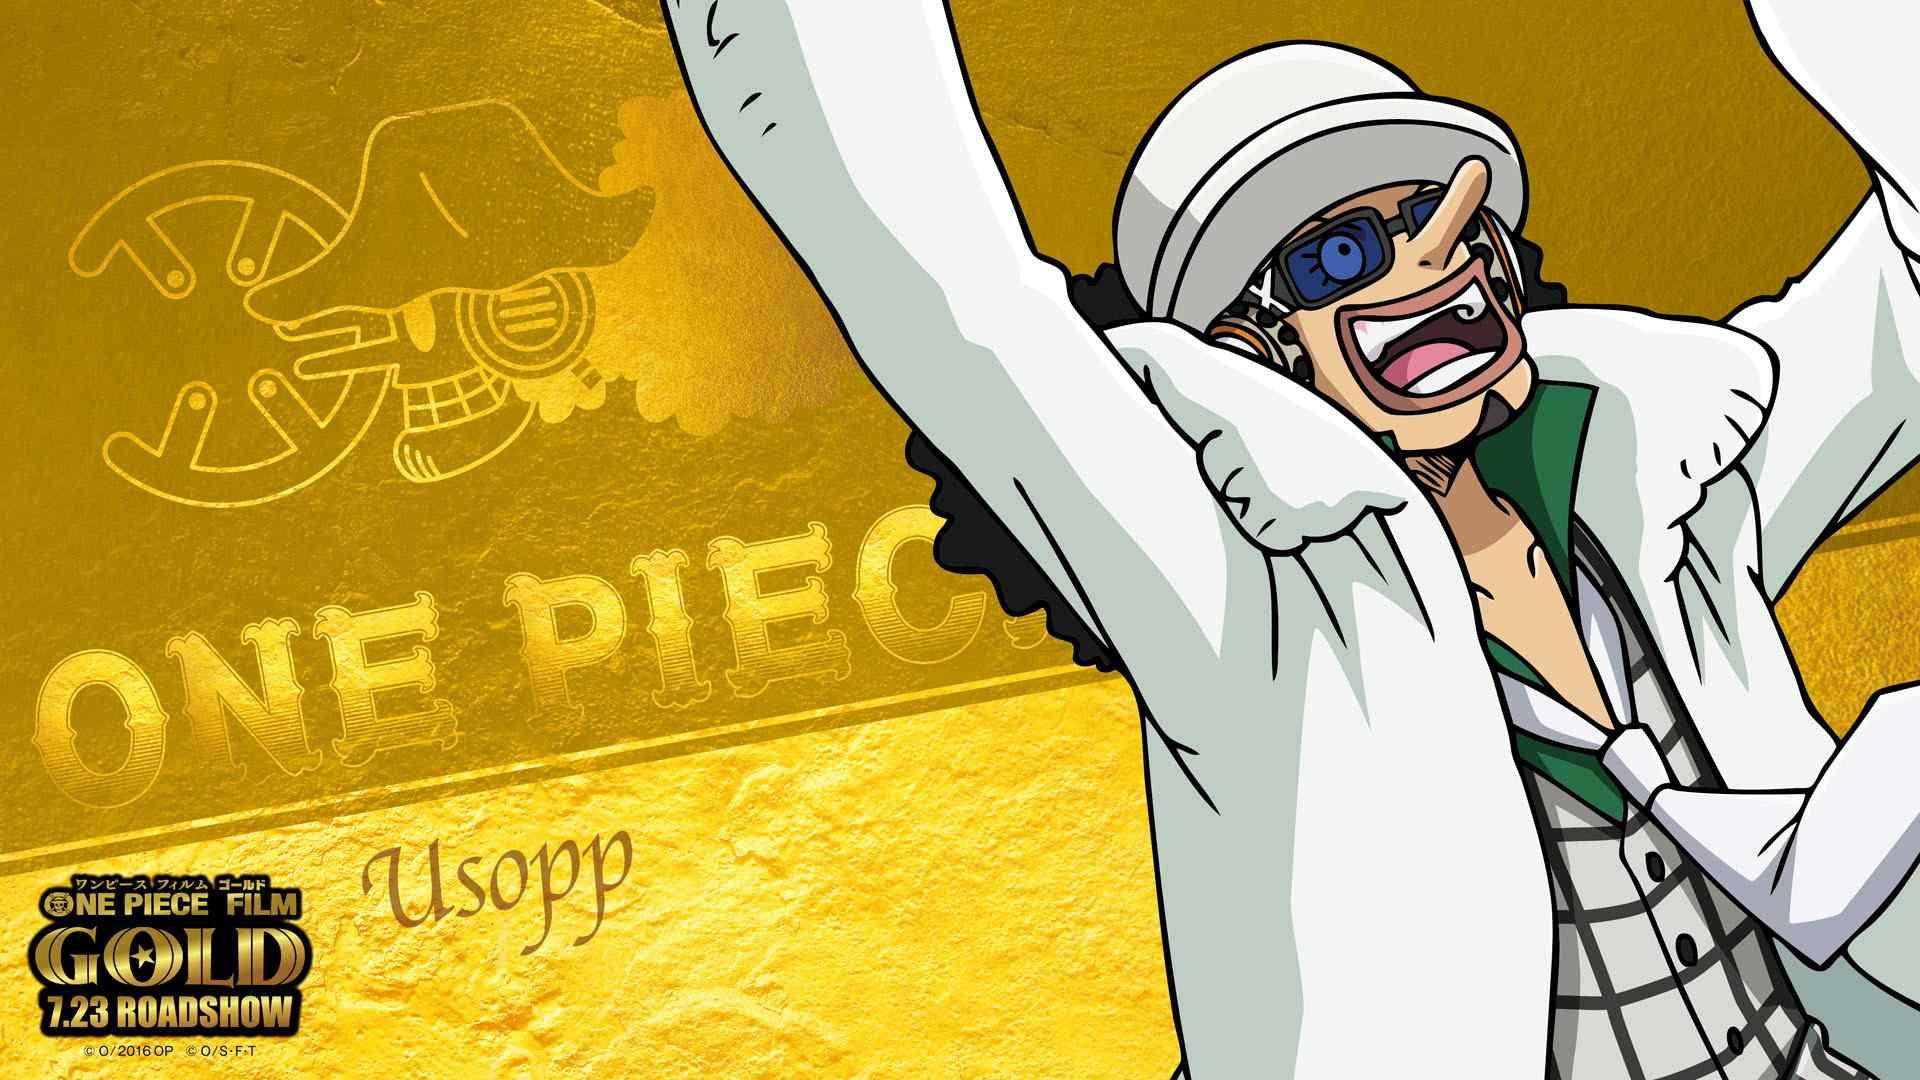 日本动漫海贼王 海贼王桌面壁纸 海贼王漫画 海贼王图片